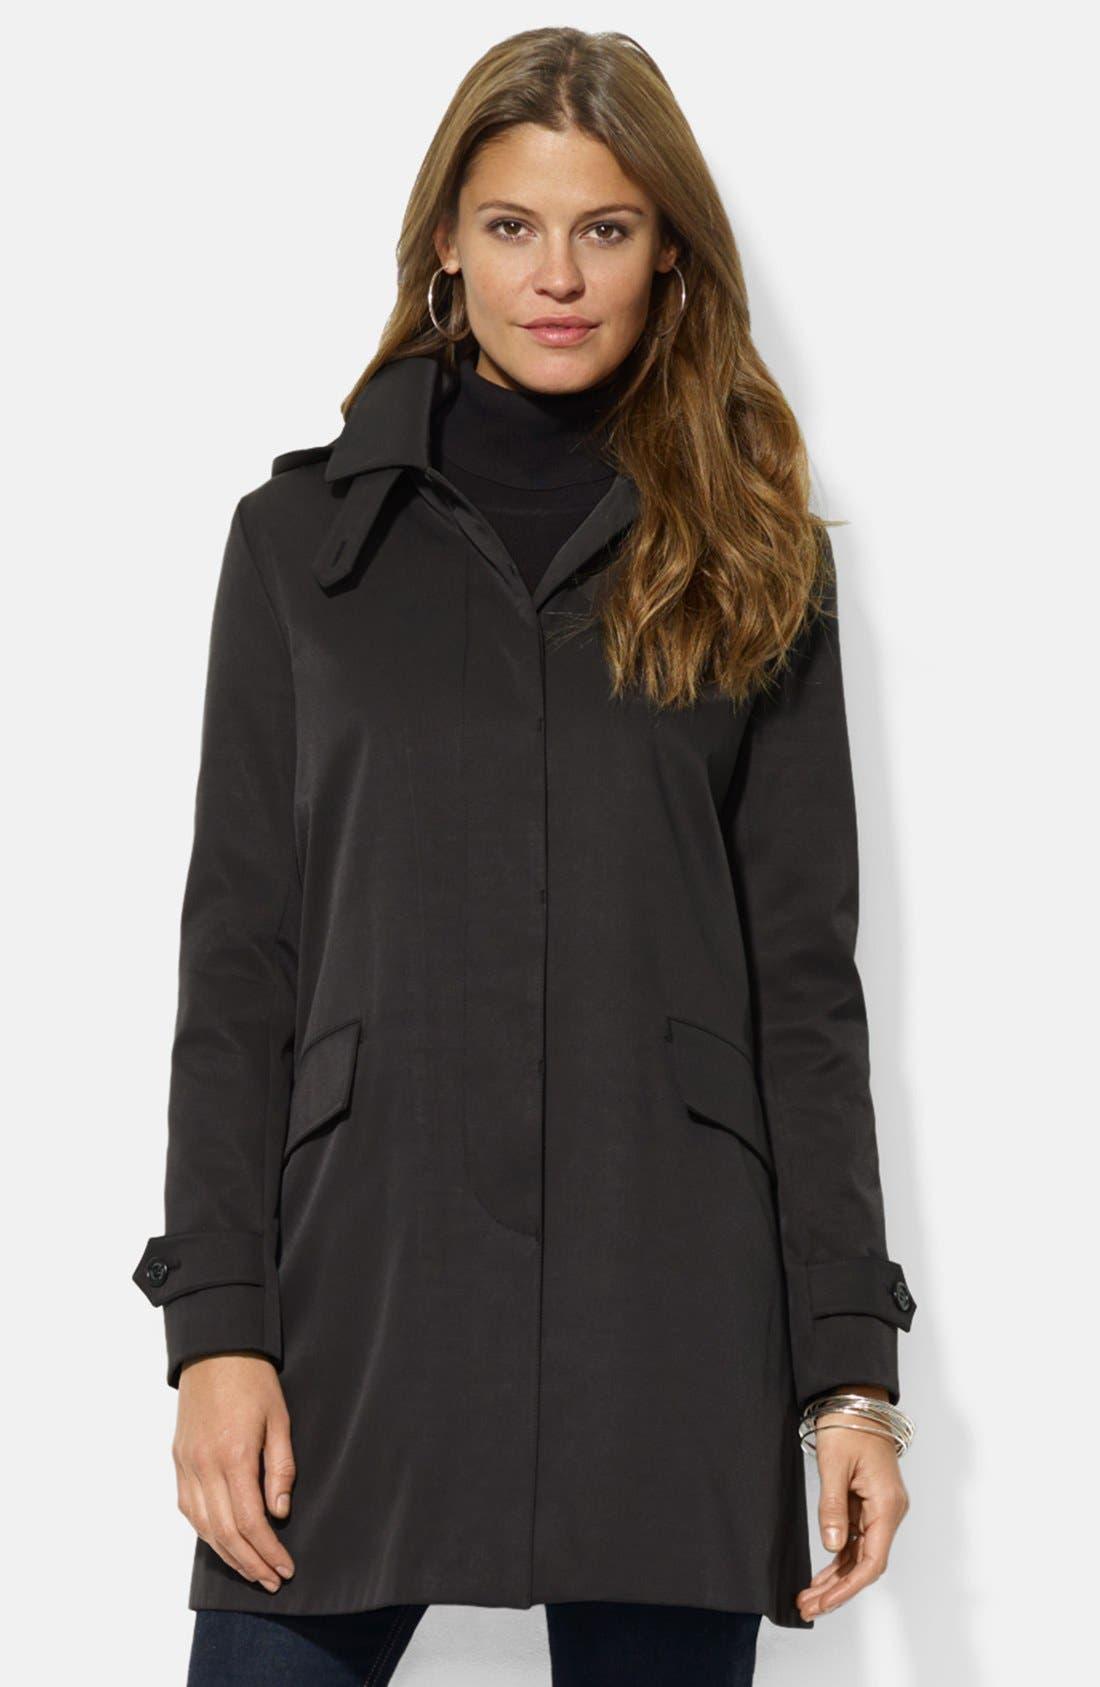 Alternate Image 1 Selected - Lauren Ralph Lauren Rain Jacket with Detachable Hood & Liner (Nordstrom Exclusive)